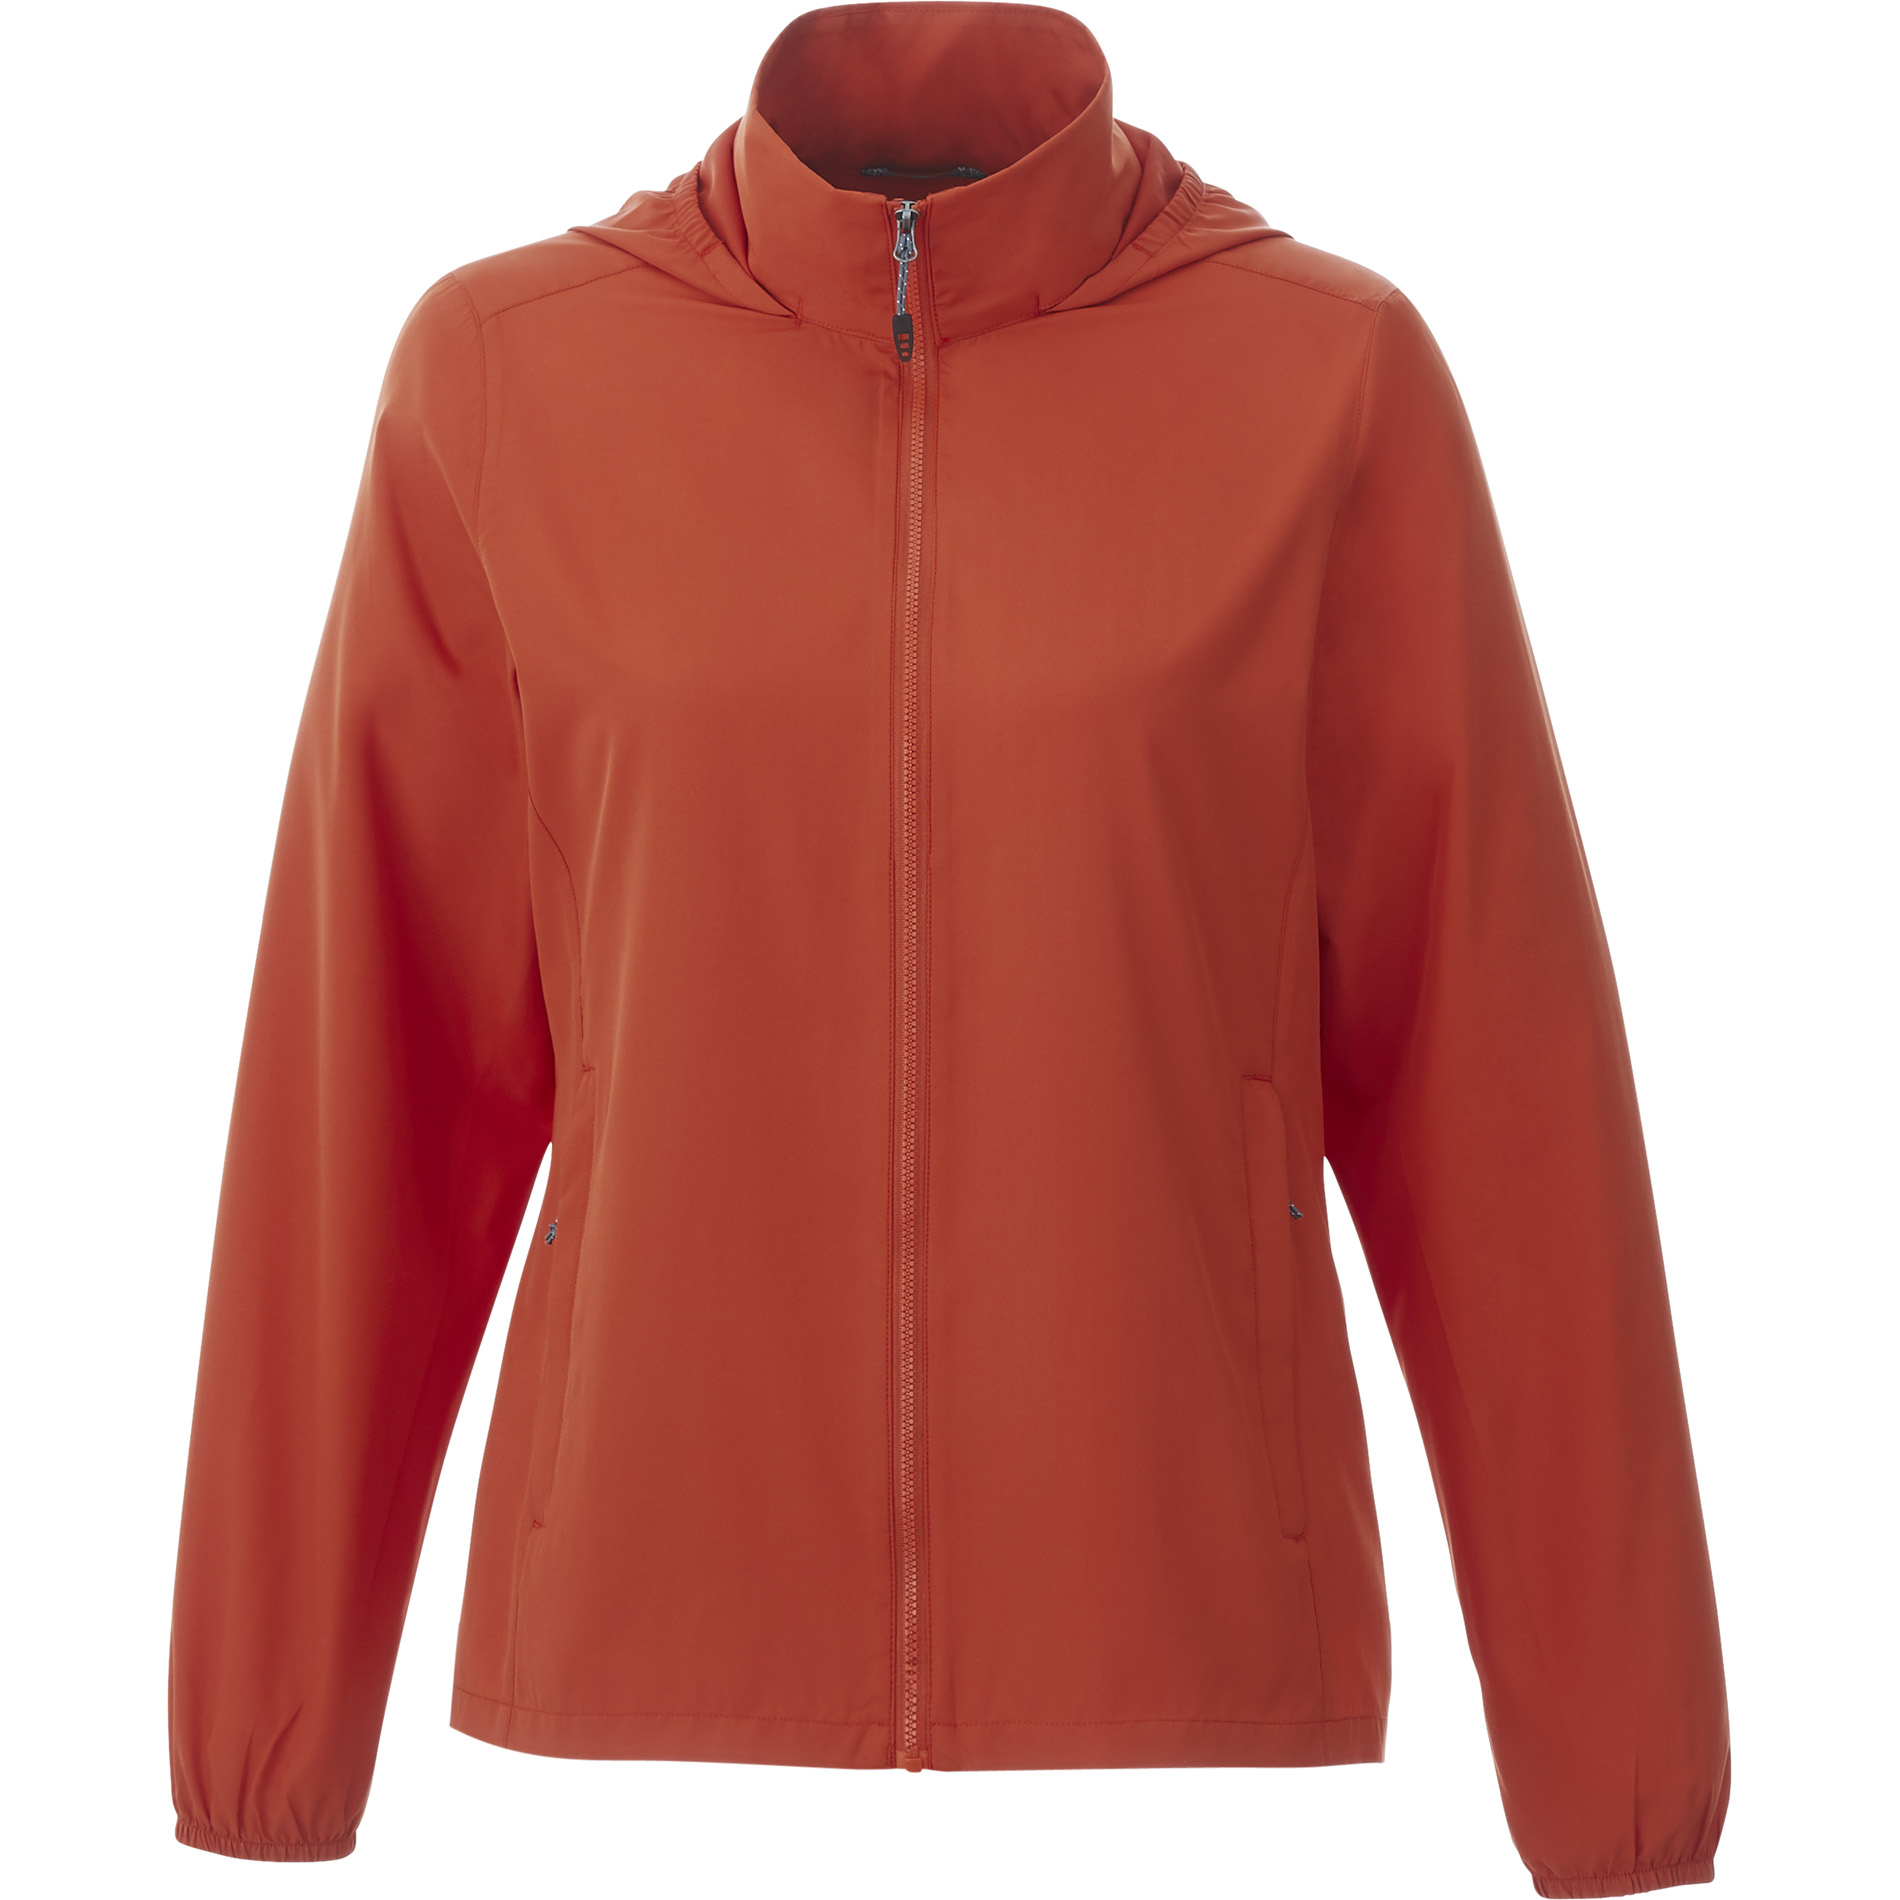 Elevate TM92608 - Women's TOBA Packable Jacket